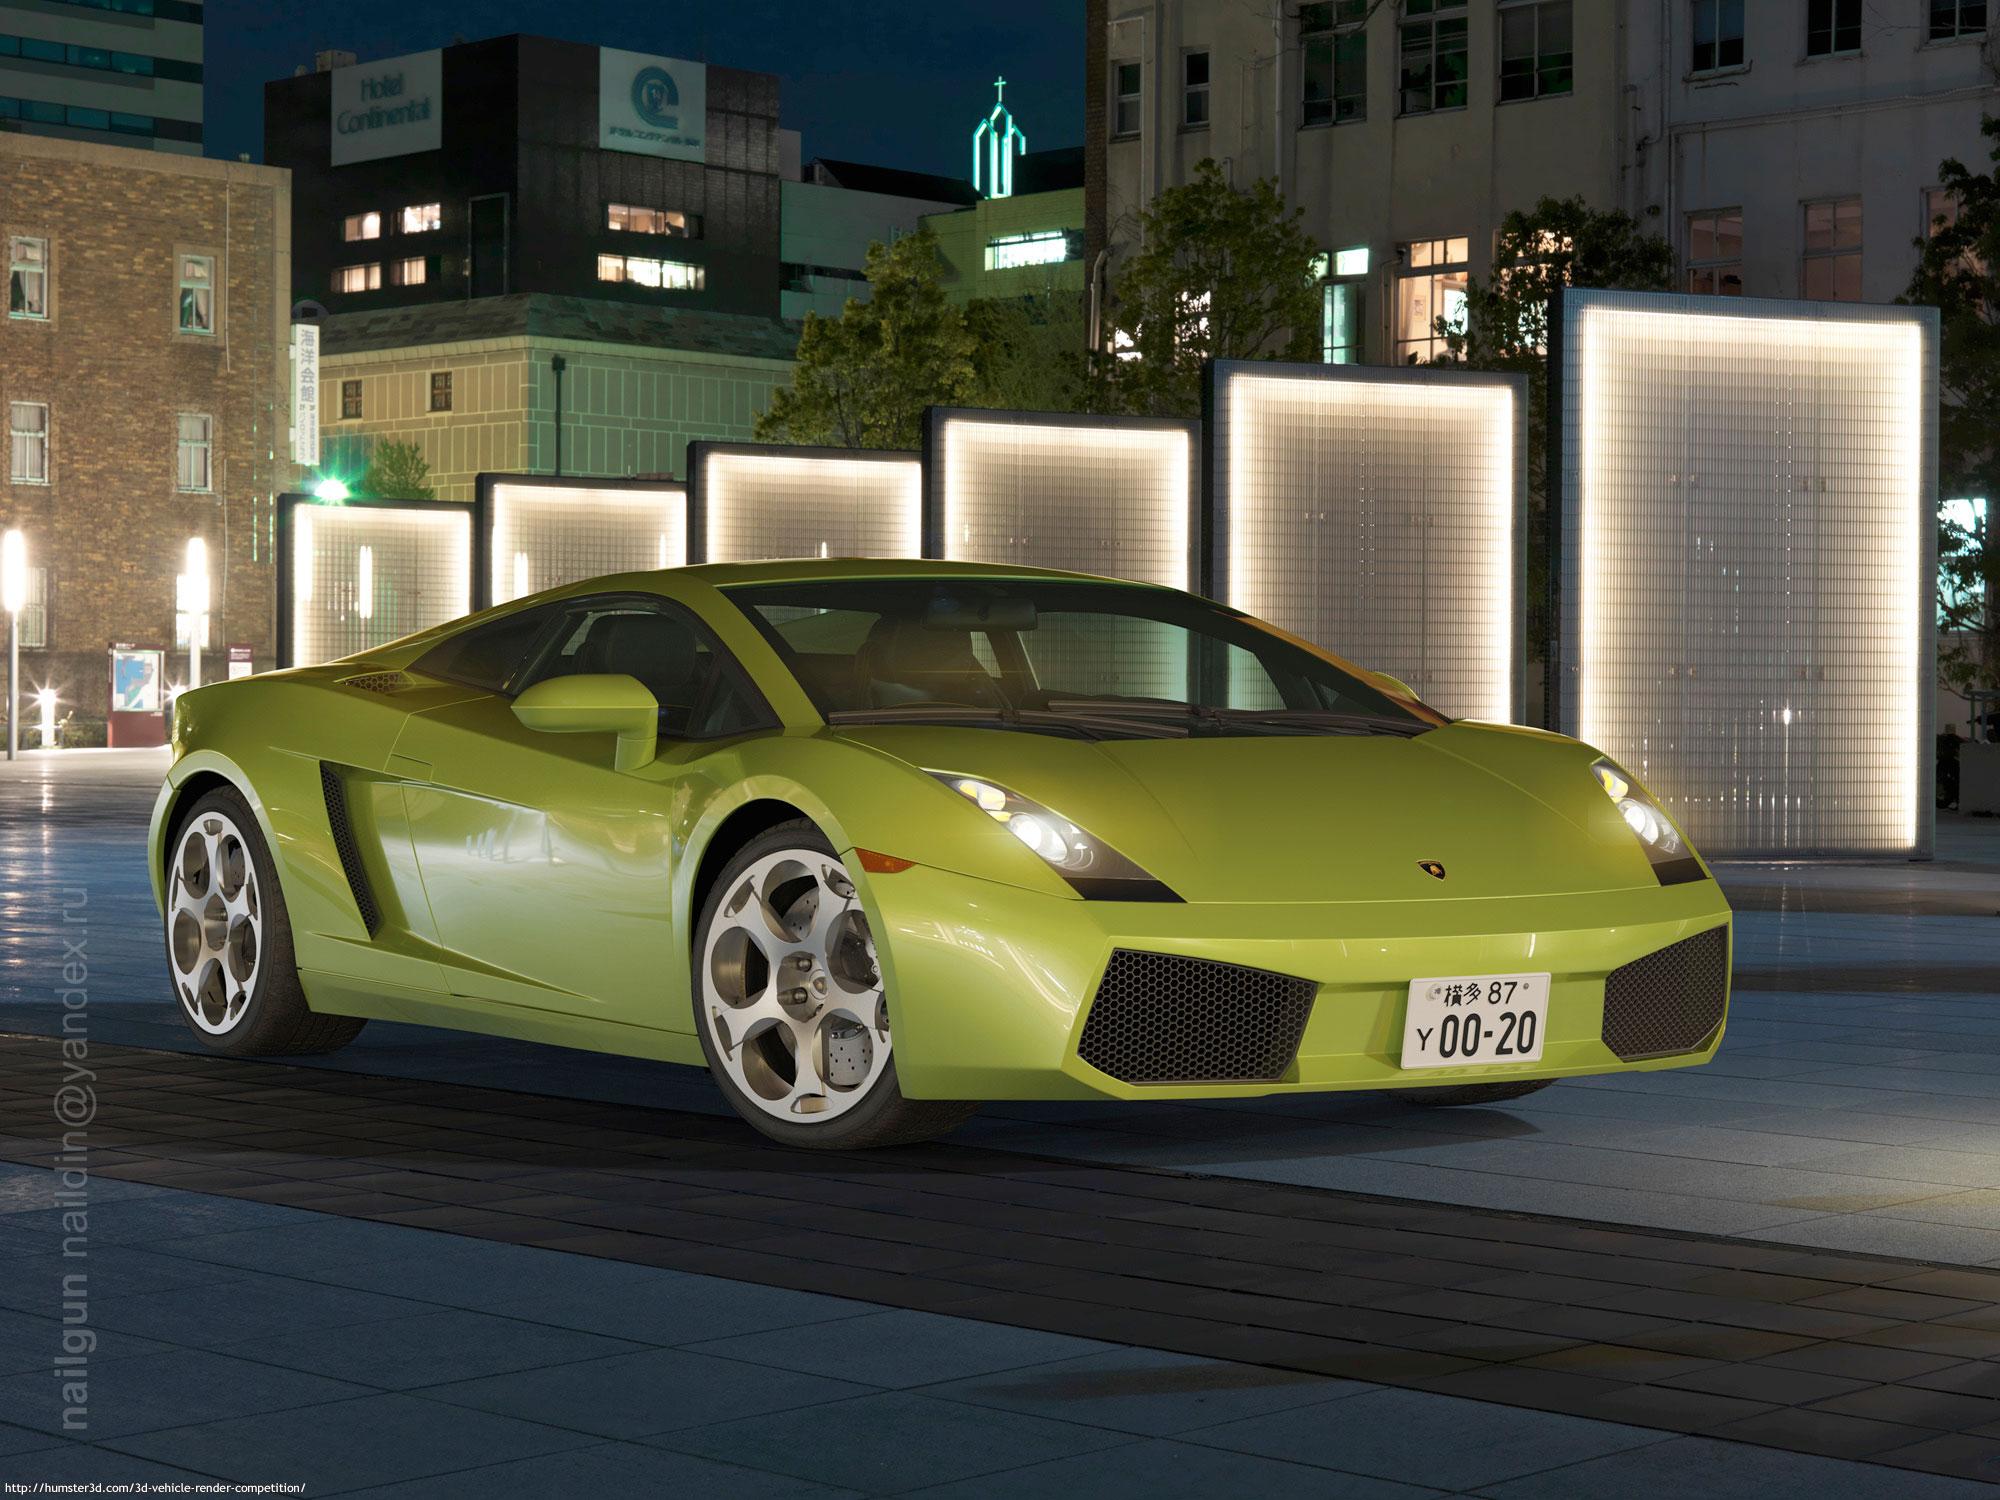 Lamborghini Gallardo, Italy 3d art